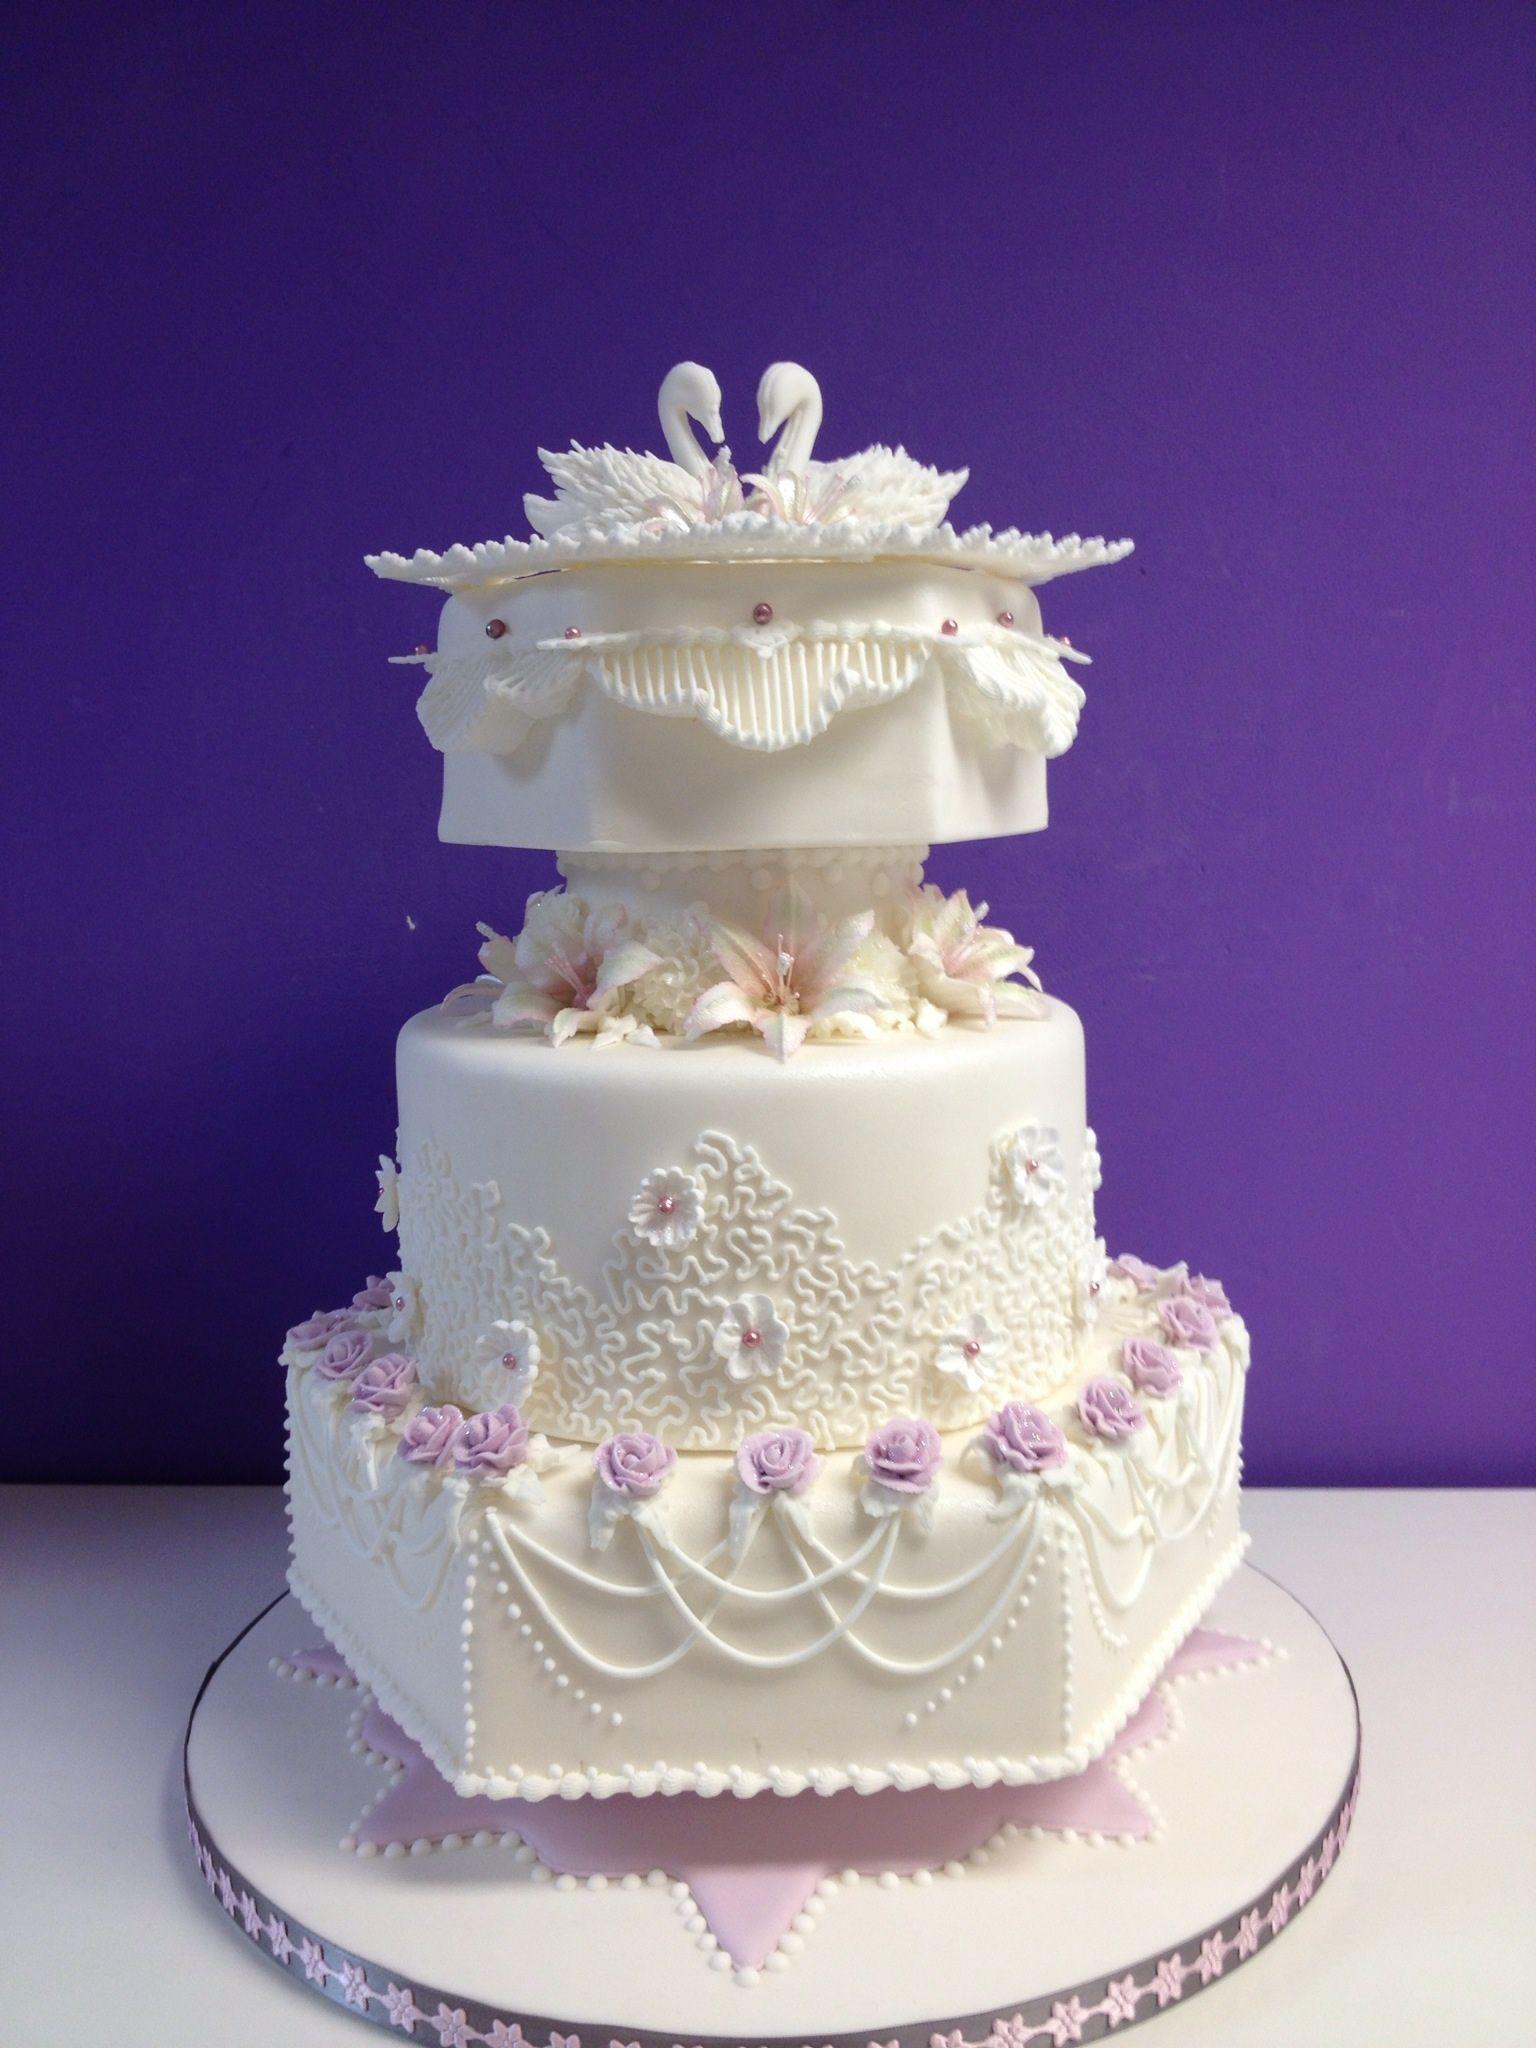 design royal icing wedding cake Weddingcake royal icing — Other / Mixed Shaped Wedding Cakes